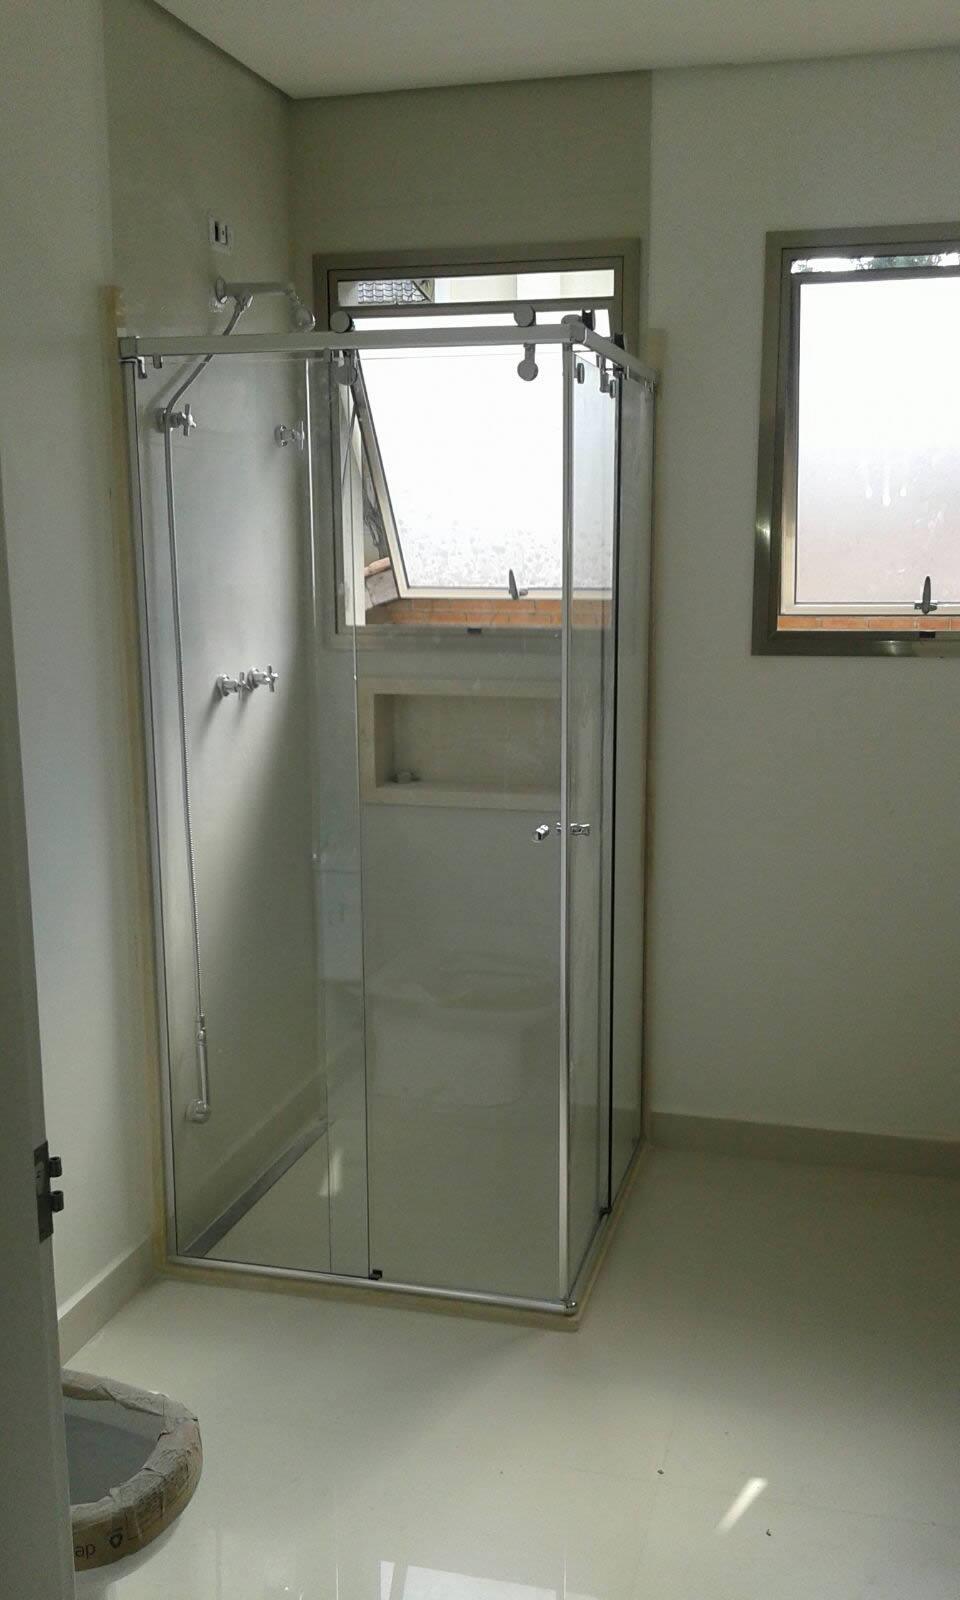 Imagens de #4C7F6A Box para Banheiro em Vidro Box para Banheiro em Vidro BLINDEX 1252x1244 px 3550 Blindex Banheiro Em São Gonçalo